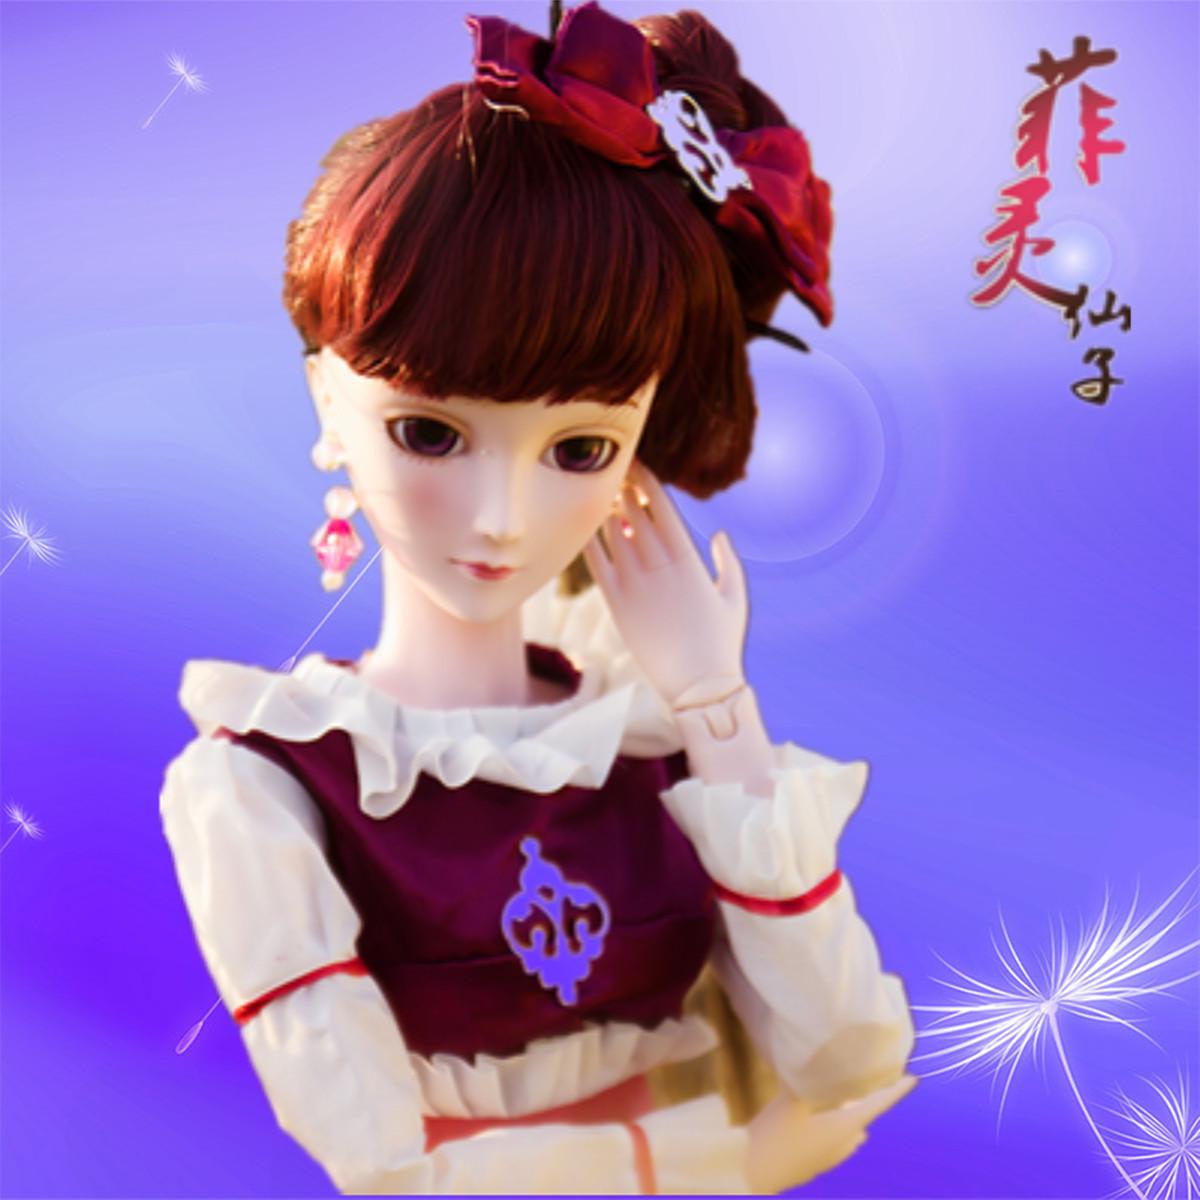 叶罗丽娃娃正品孔雀仙子齐娜黑暗菲灵黑香菱女孩玩具夜萝莉60厘米图片